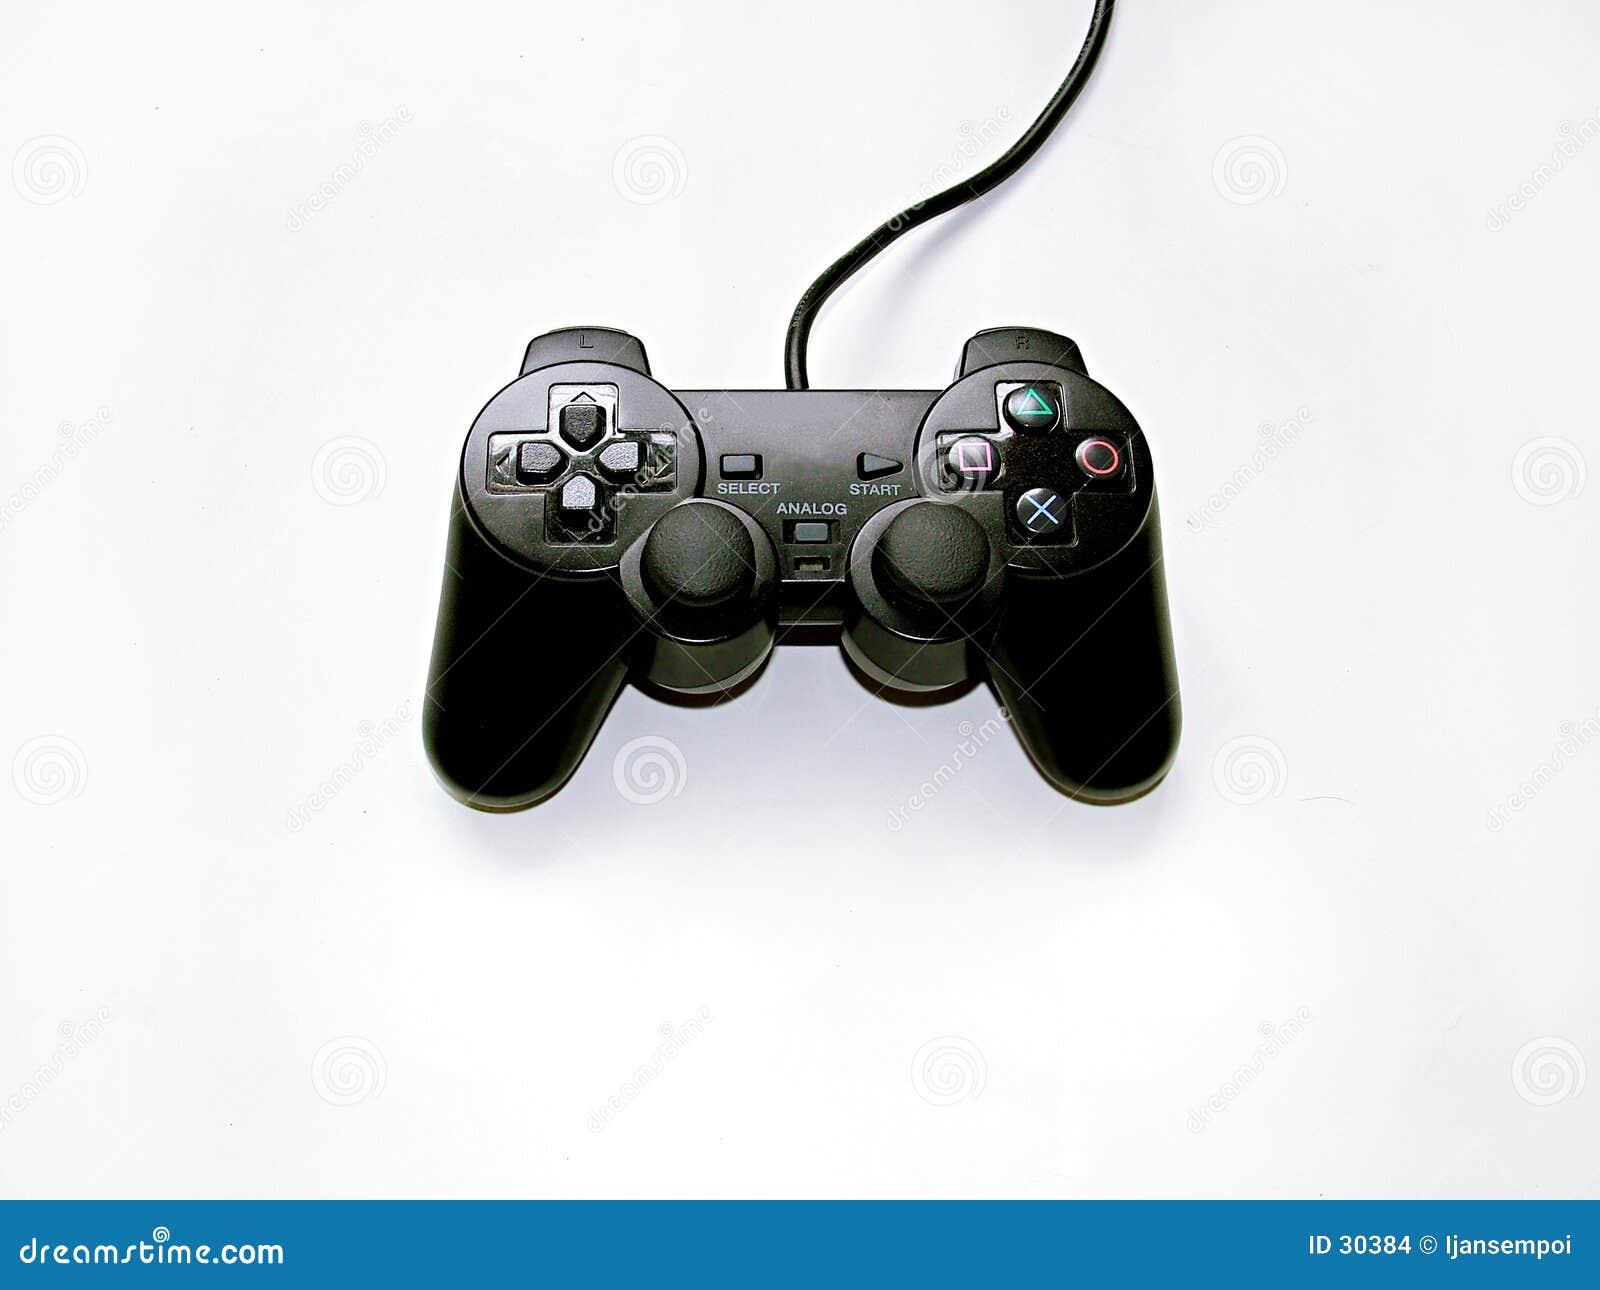 Download Controler del juego foto de archivo. Imagen de electrónico - 30384